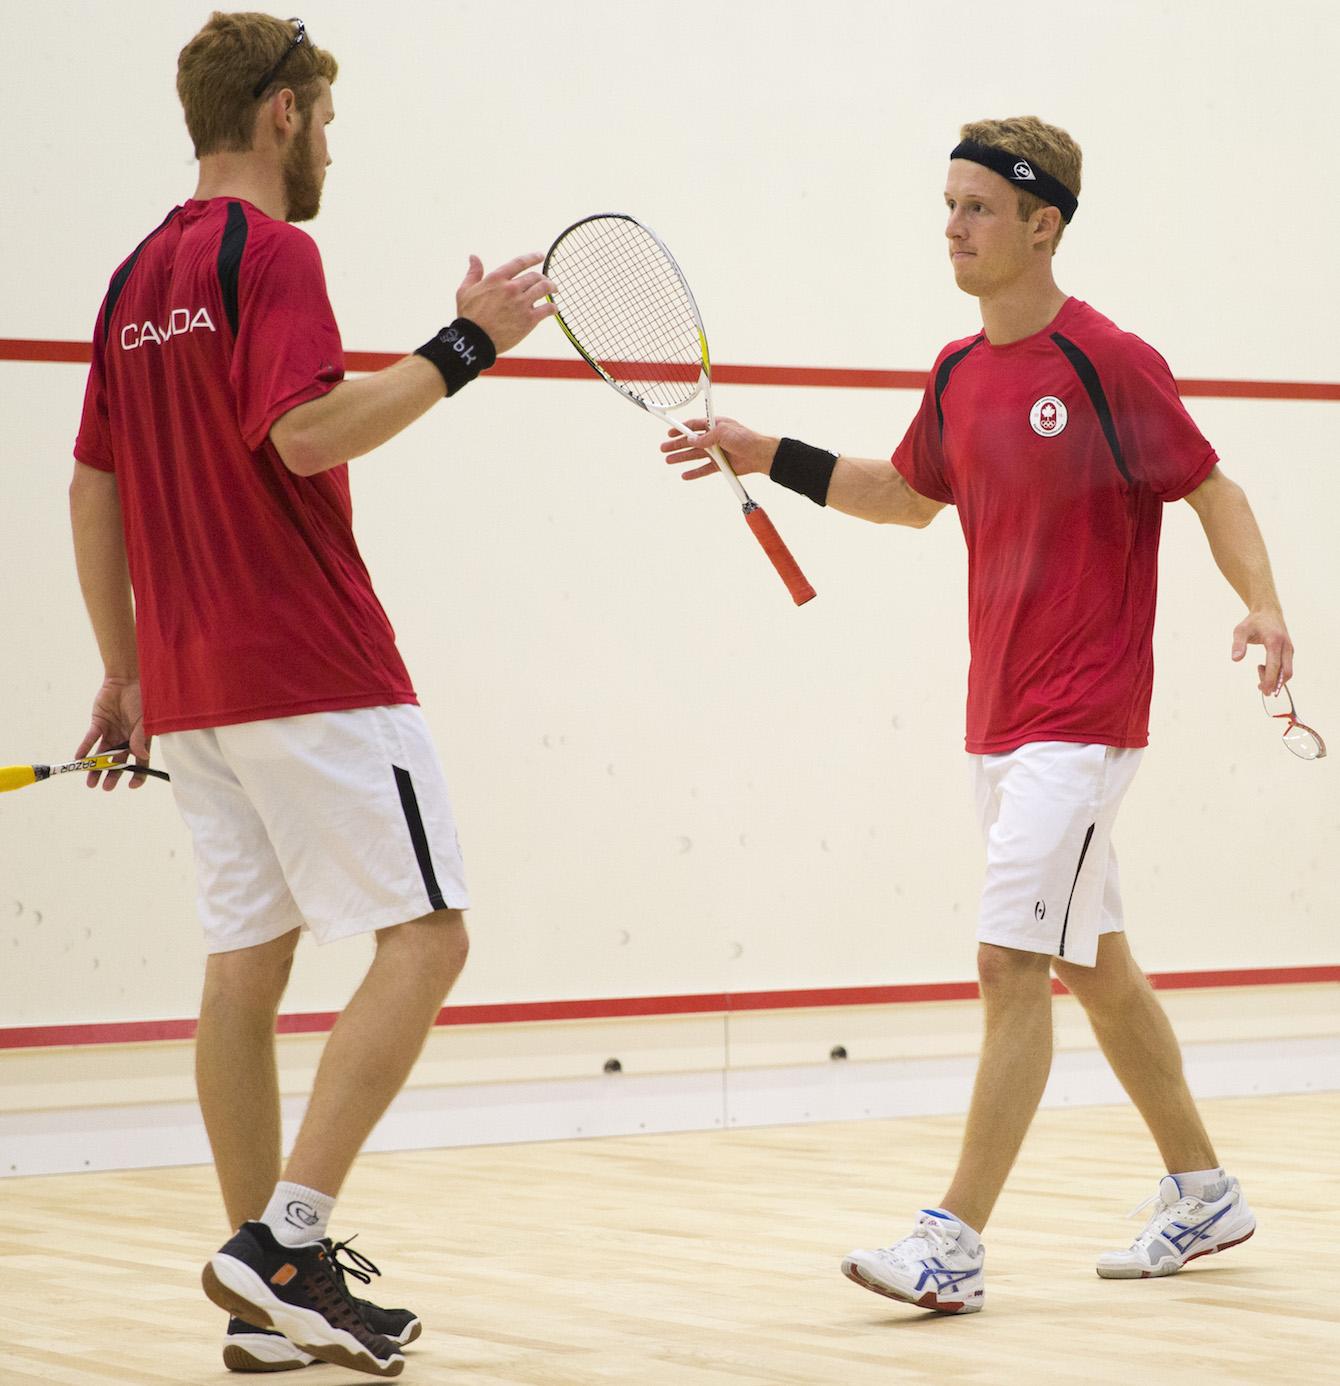 Les frères Schnell, lors de la demi-finale masculine de squash, le 13 juillet 2015 lors des Panam de Toronto. (COC Photo by David Jackson)